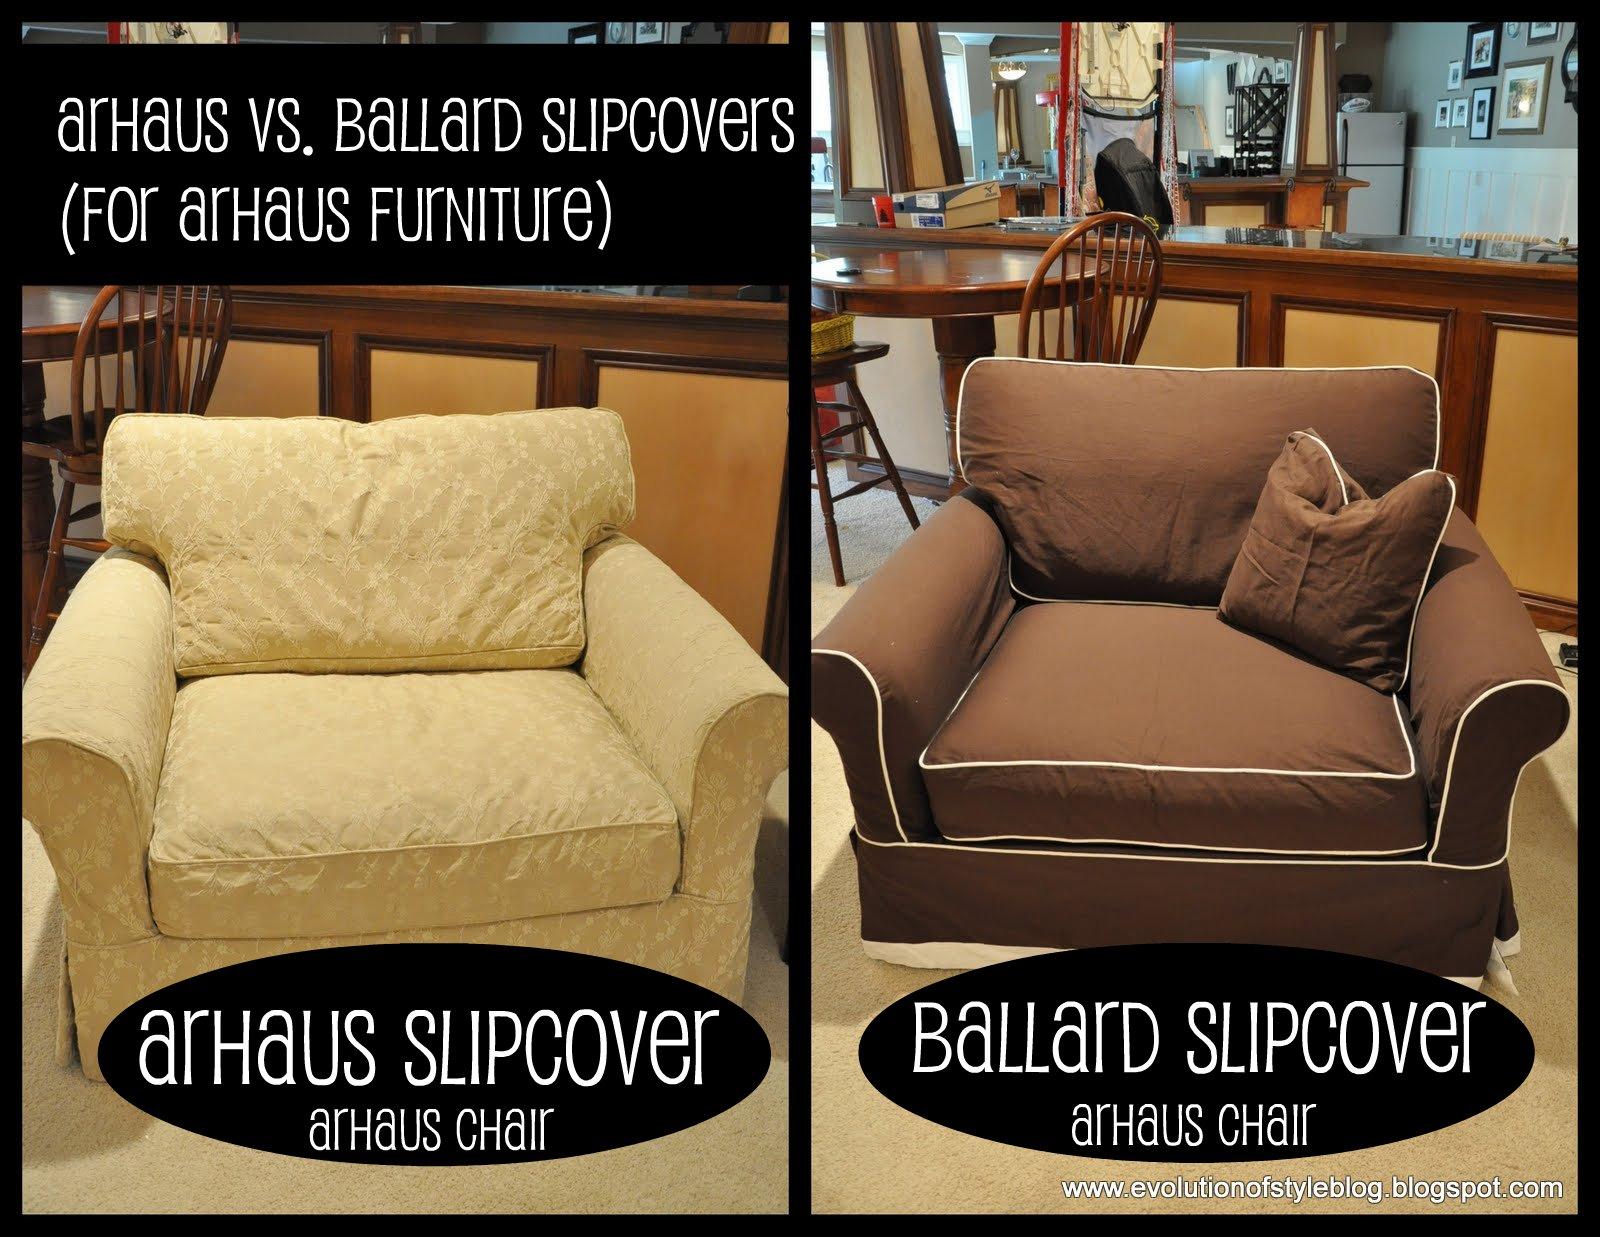 Slipcovers Arhaus Vs Ballard